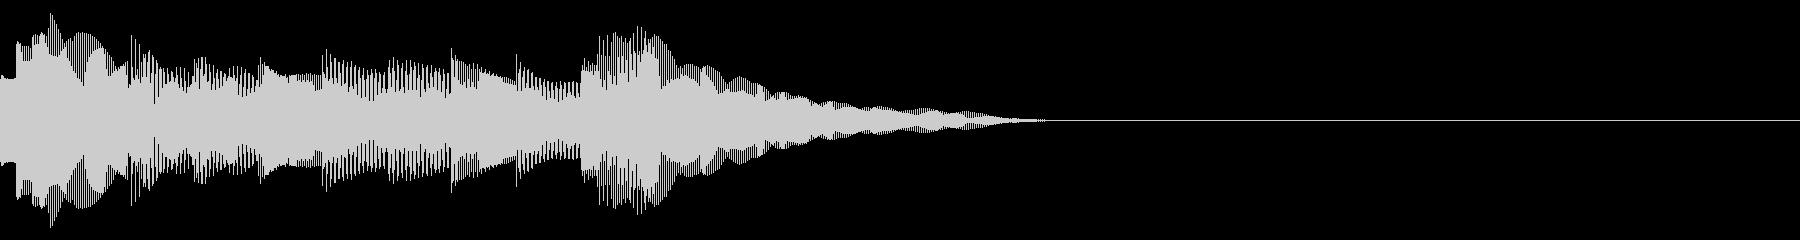 オルゴール風決定音の未再生の波形